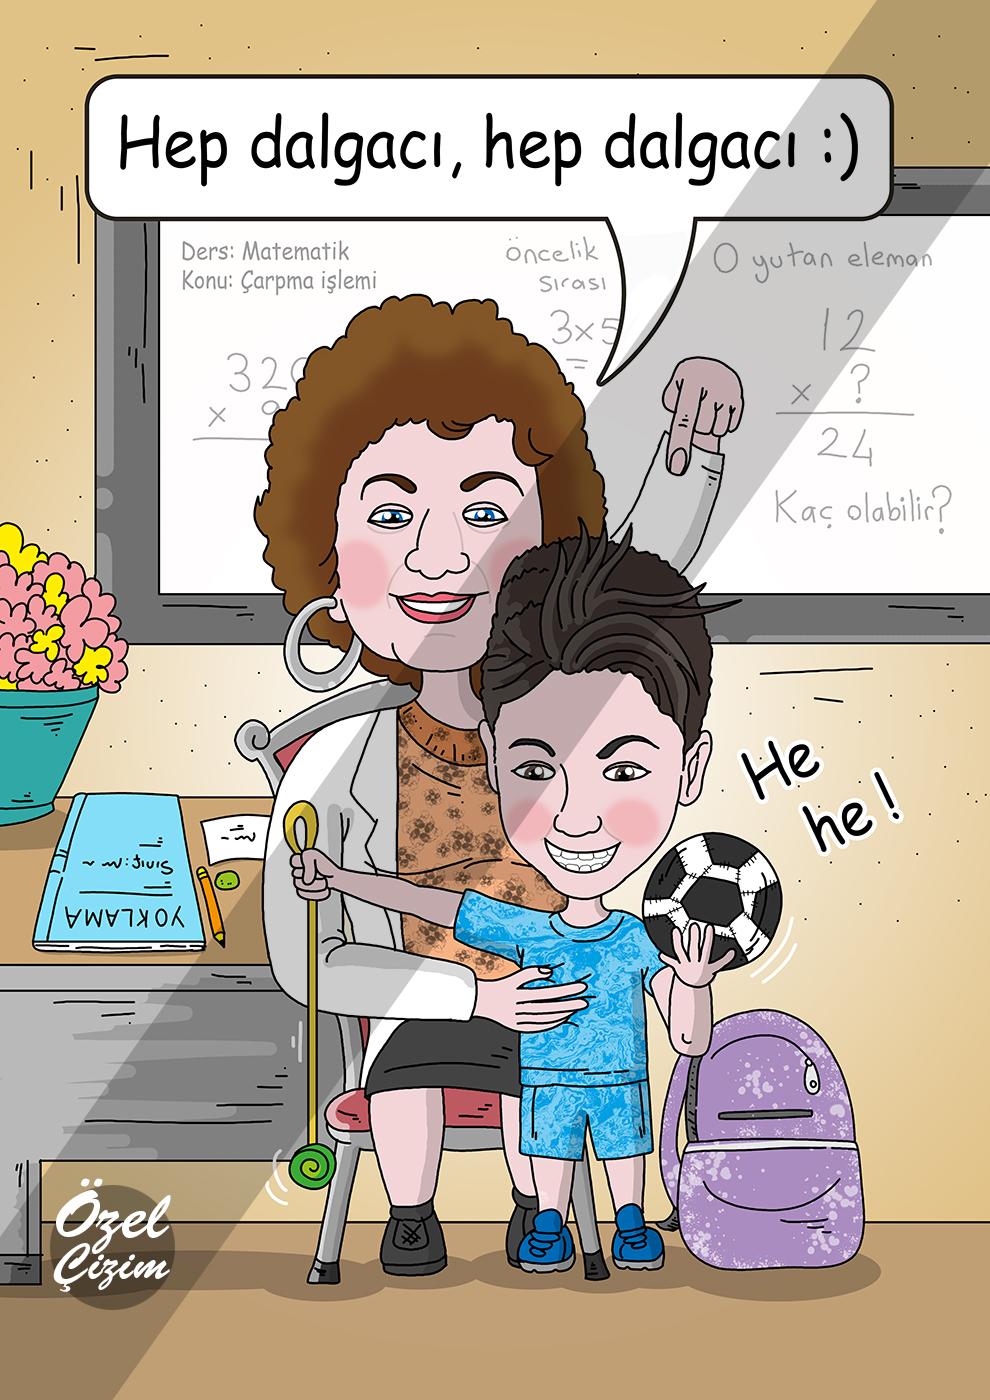 öğretmenler günü hediyesi, öğretmene hediye, hediye karikatür, karikatür, karikatür portre, öğretmenler günü için hediyeler, Özel Çizim, komik hediye, komik öğretmen,